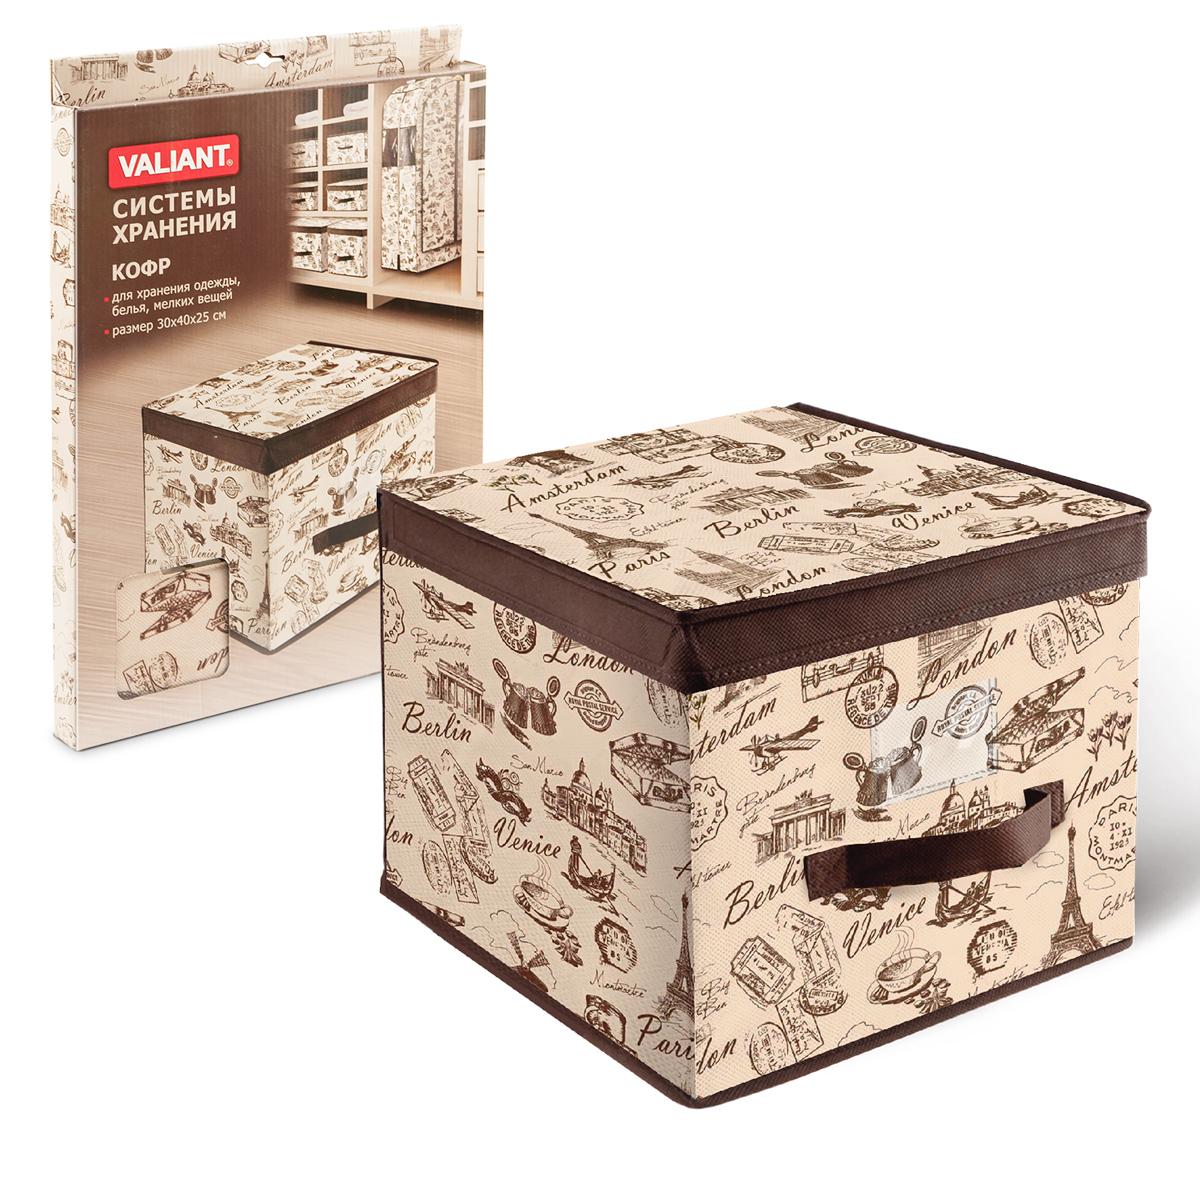 Кофр для хранения Valiant Travelling, 30 х 40 х 25 смБрелок для ключейКофр для хранения Valiant Travelling изготовлен из высококачественного нетканого материала (спанбонда), который обеспечивает естественную вентиляцию, позволяя воздуху проникать внутрь, но не пропускает пыль. Вставки из плотного картона хорошо держат форму. Кофр снабжен специальной крышкой и ручкой сбоку. Изделие отличается мобильностью: легко раскладывается и складывается. В таком кофре удобно хранить одежду, белье и мелкие аксессуары. Оригинальный дизайн погружает в атмосферу путешествий по разным городам и странам.Системы хранения в едином дизайне сделают вашу гардеробную красивой и невероятно стильной.